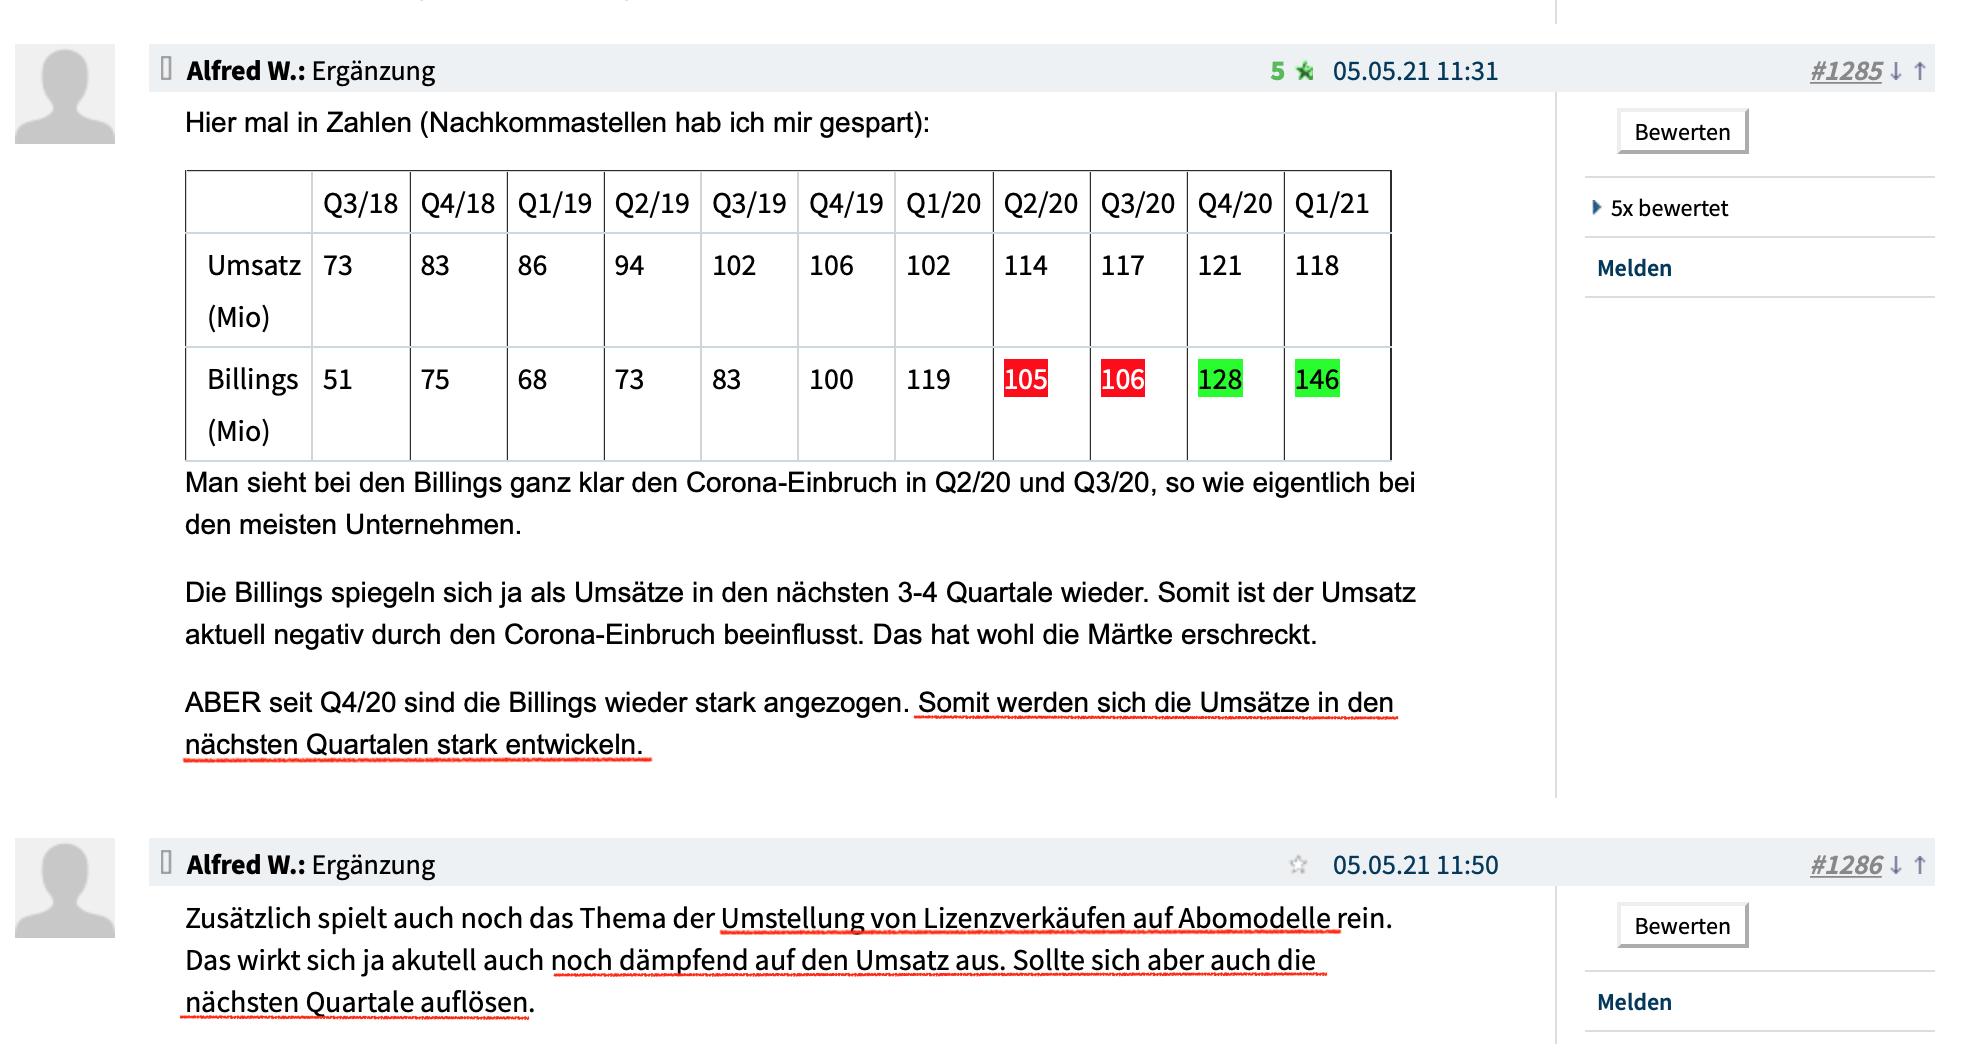 billings-umsatz_-_teamviewer.png